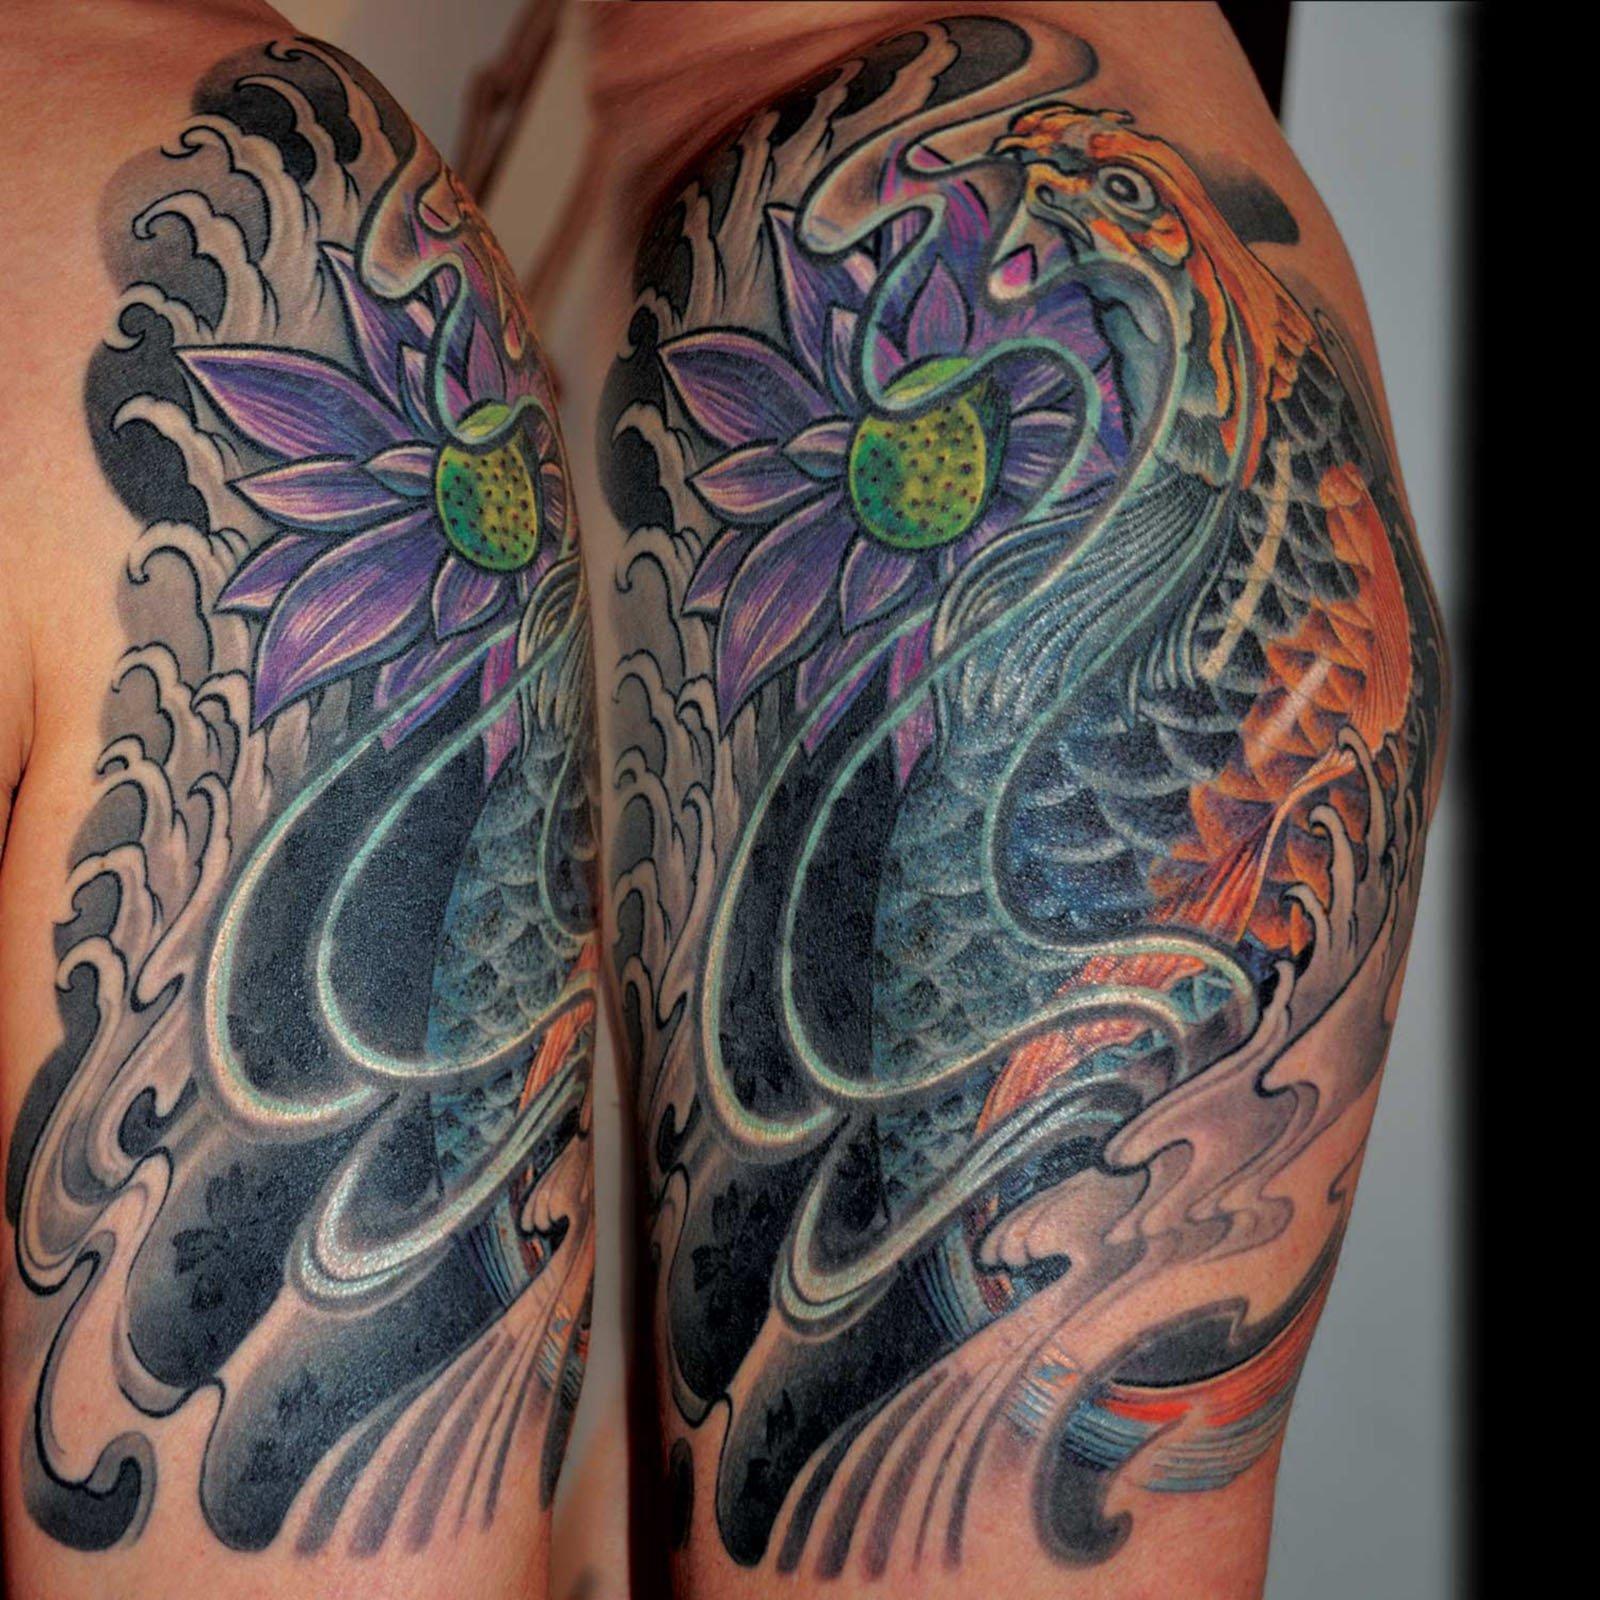 Koi japanisches Cover up Tattoo Überdeckung München Spezialist